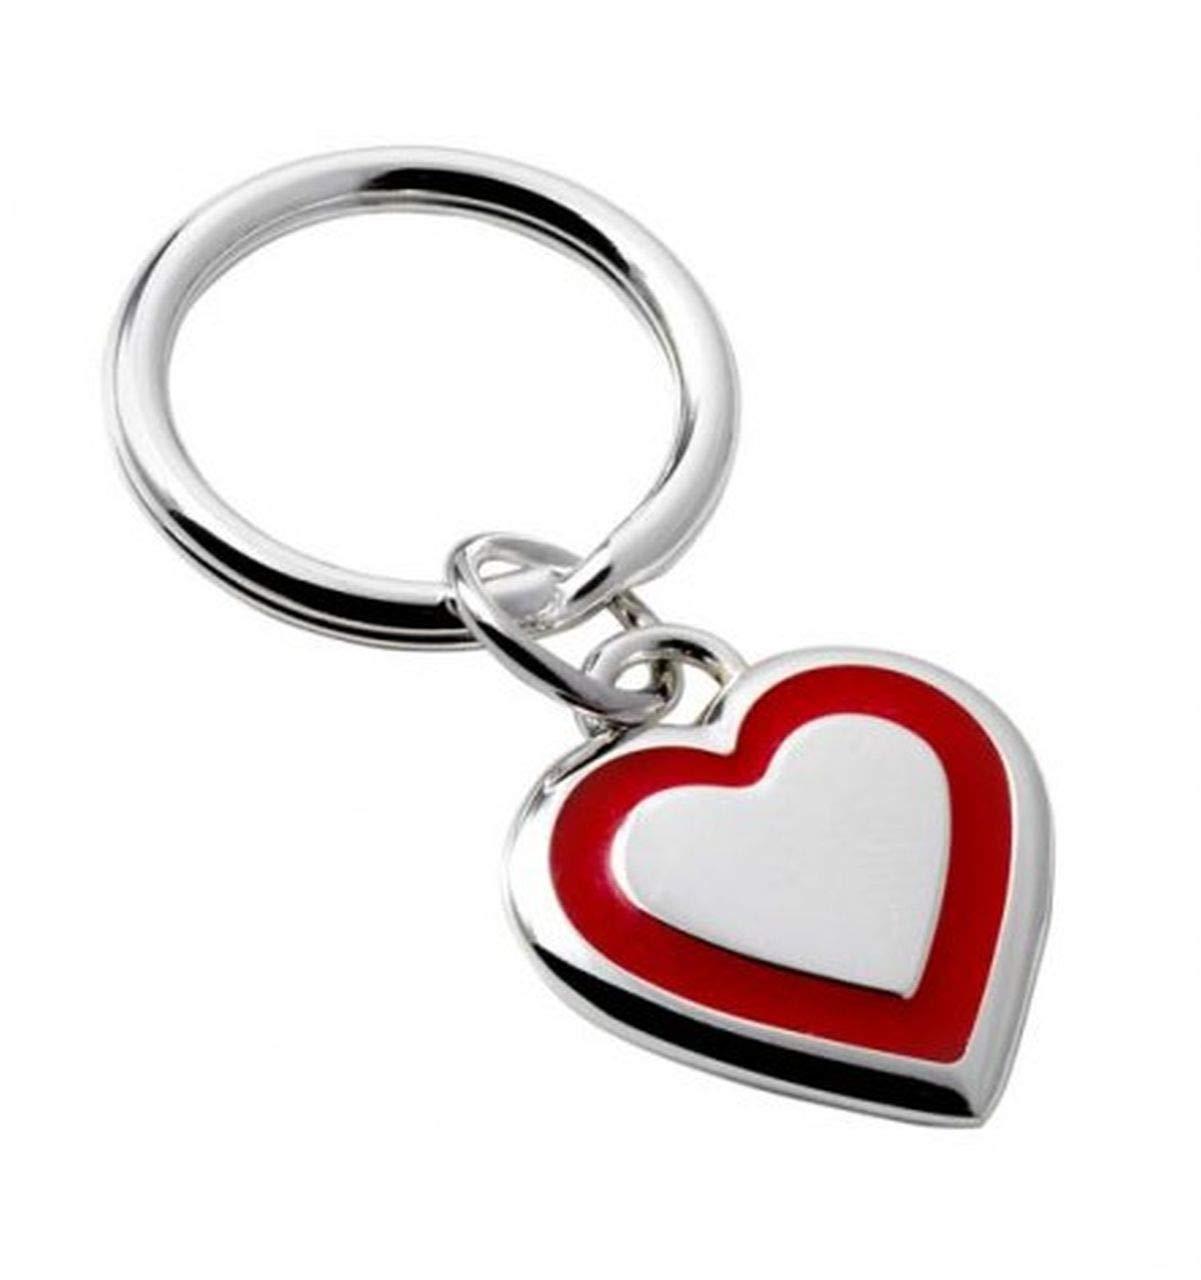 llavero con forma de corazon rojo y plateado